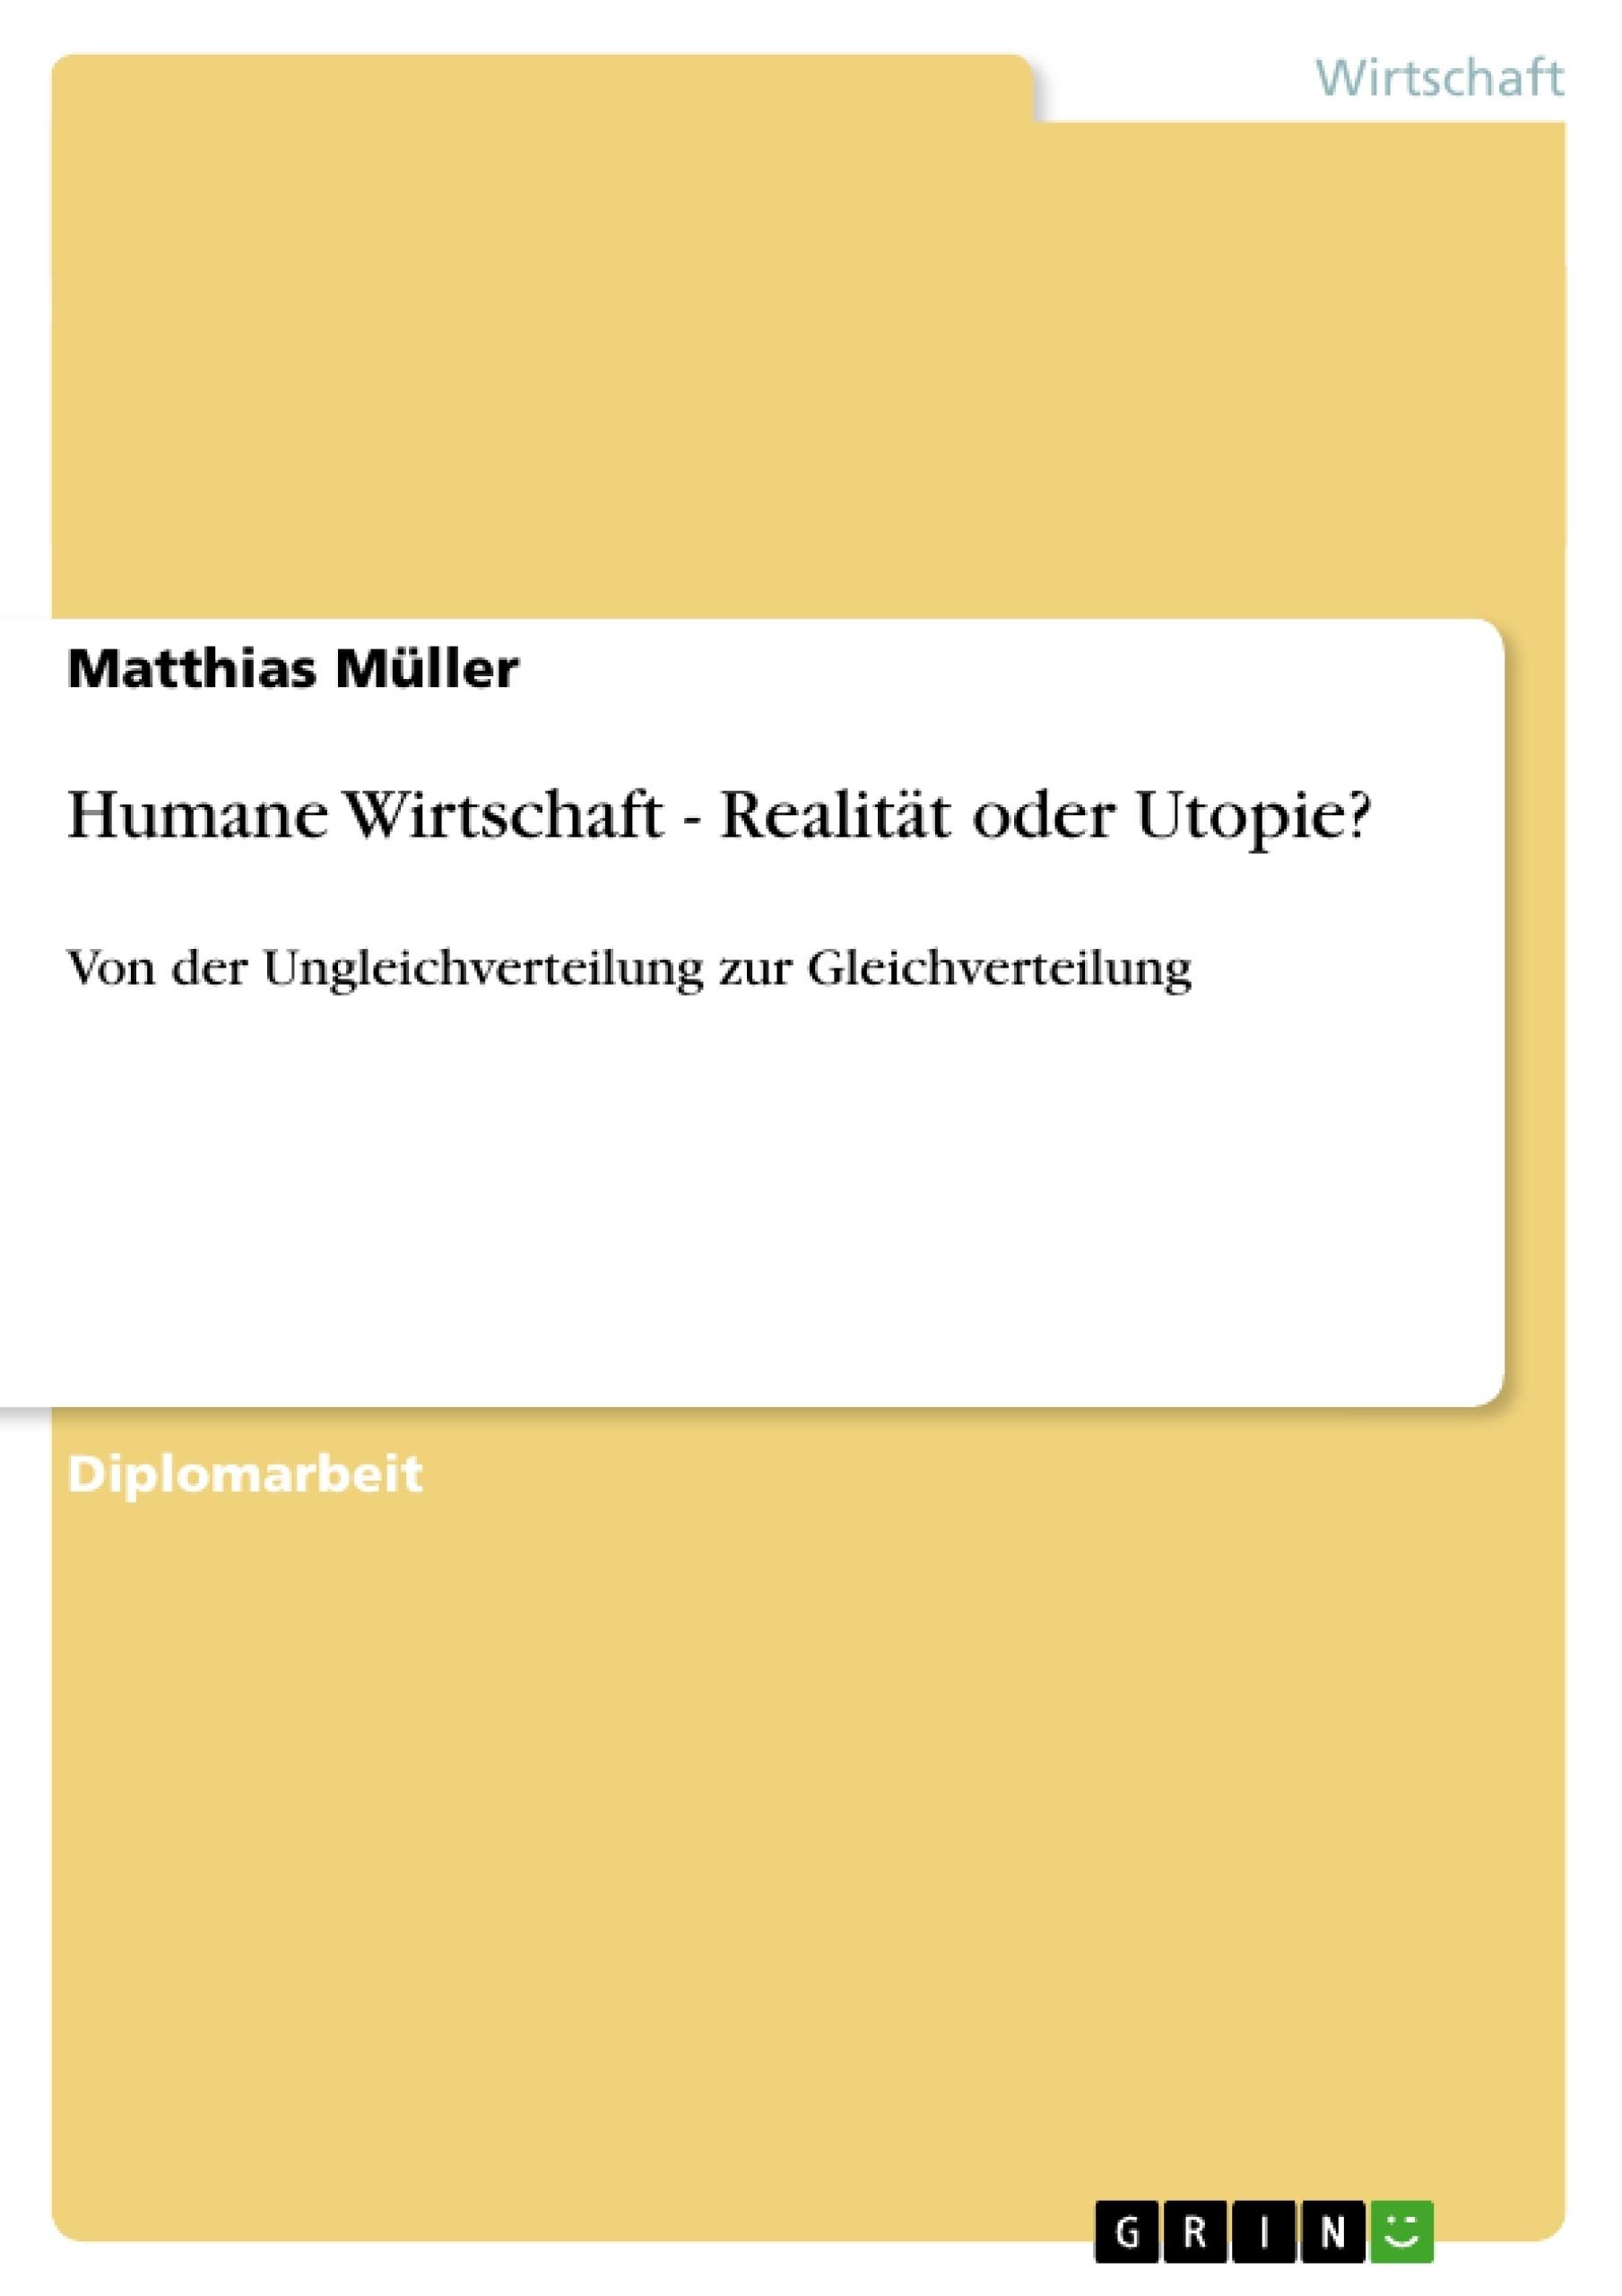 Titel: Humane Wirtschaft - Realität oder Utopie?